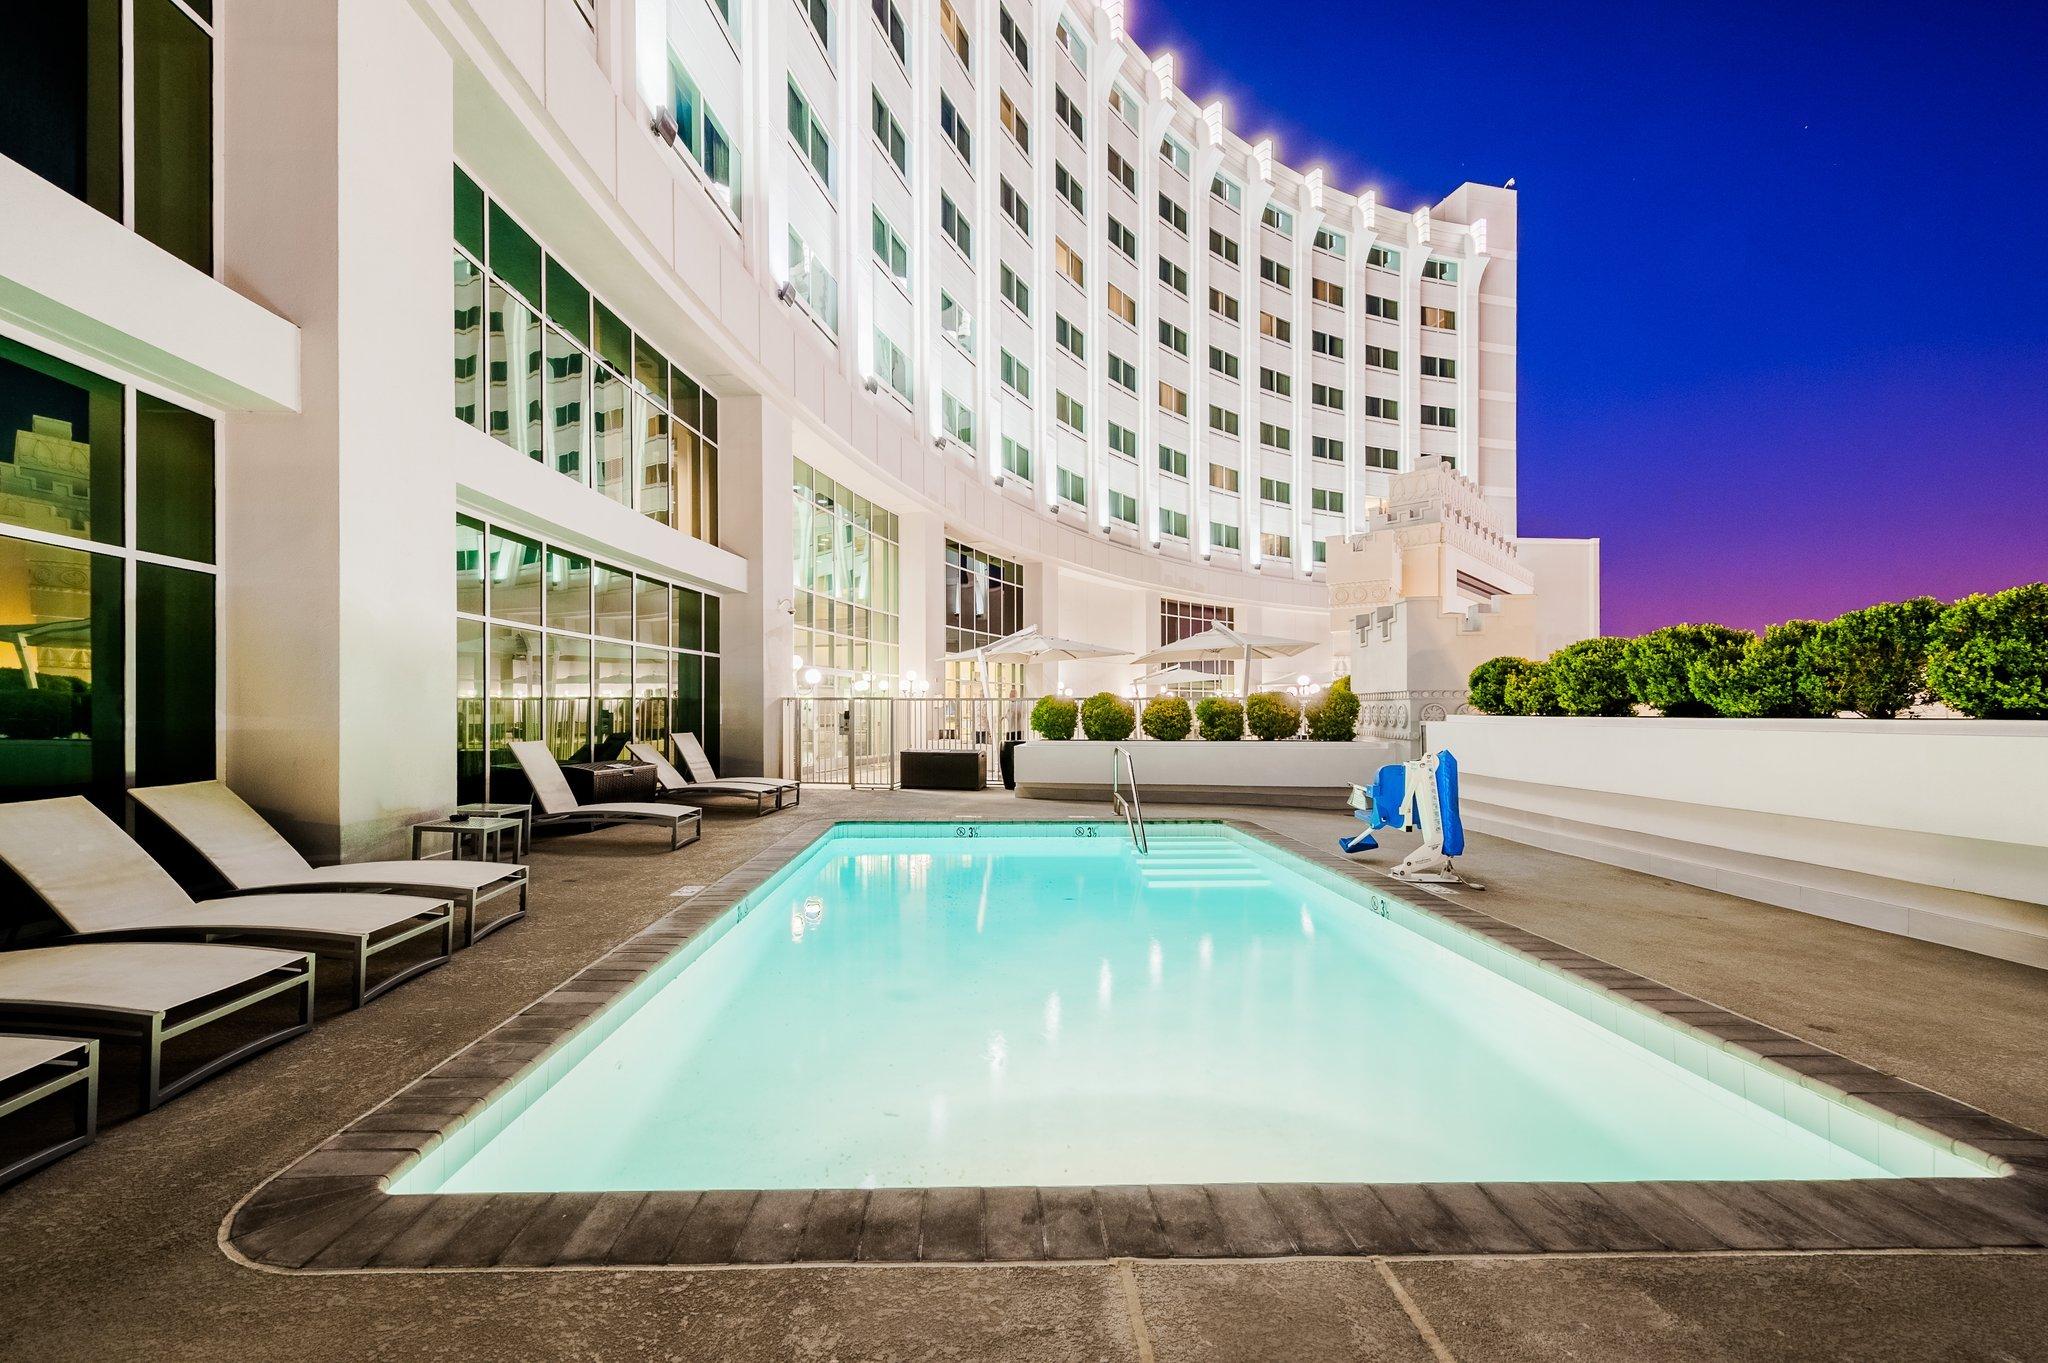 洛杉磯科默爾斯賭場皇冠假日酒店